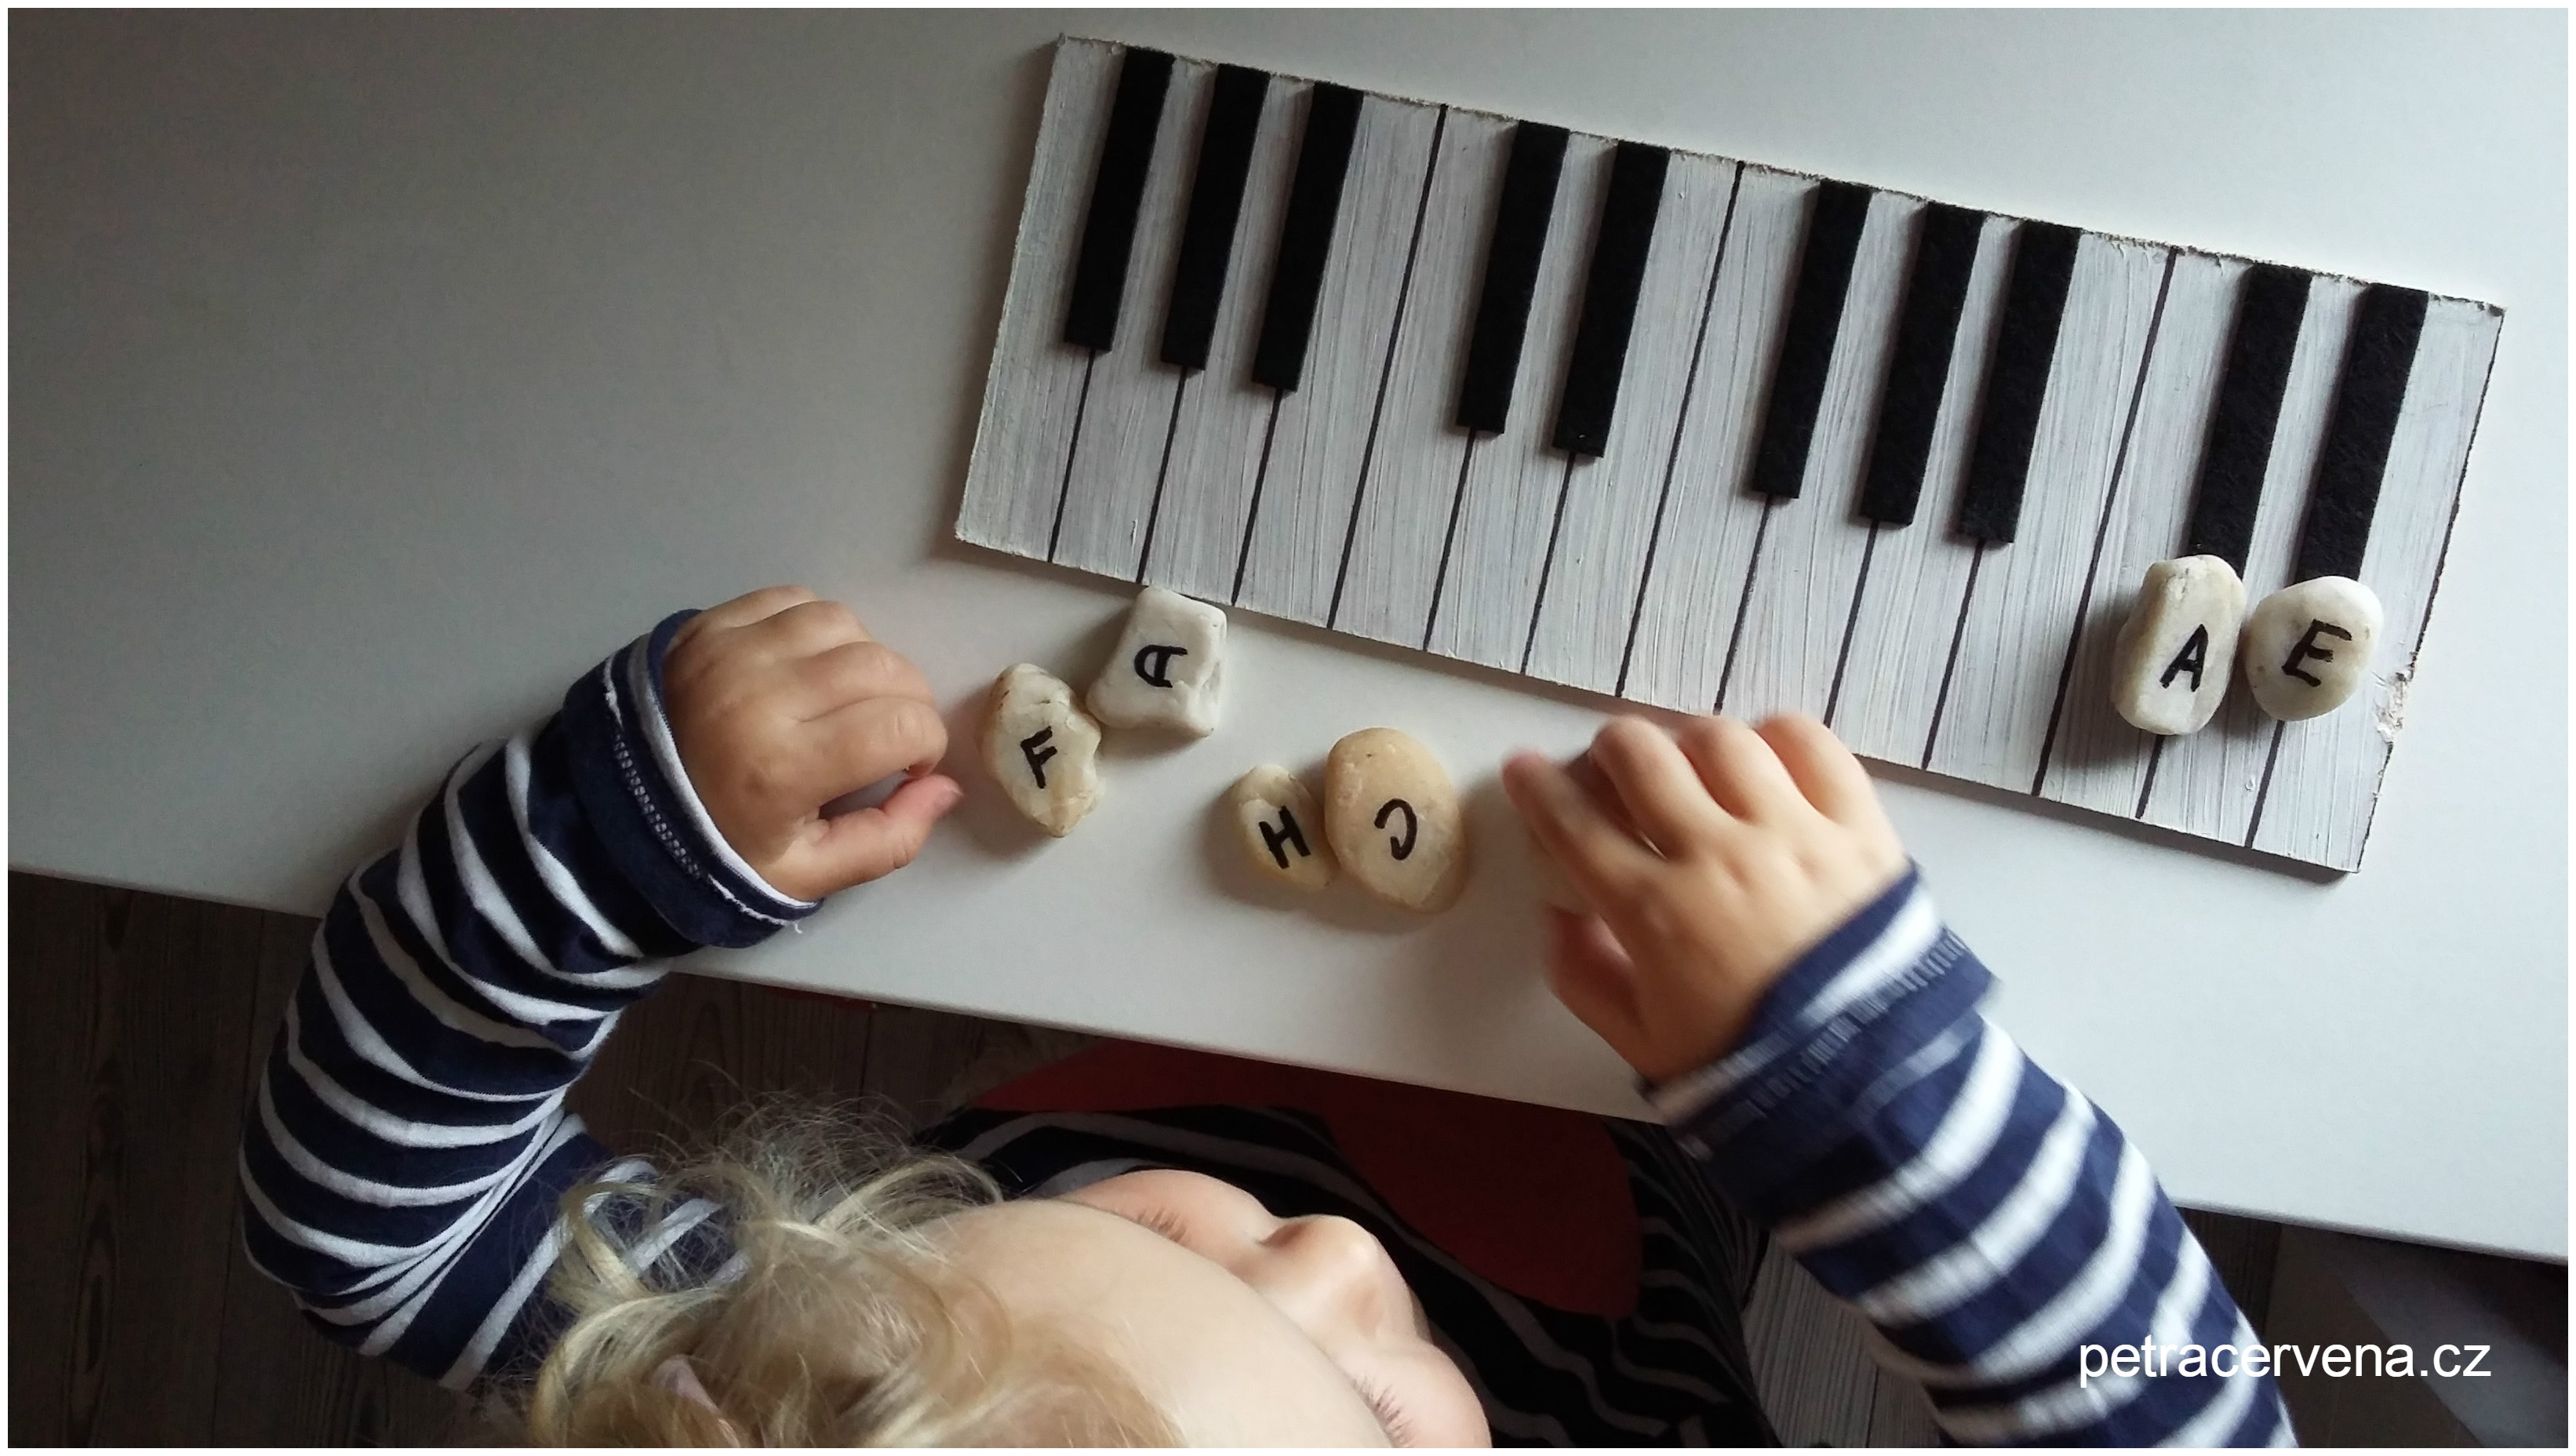 Pro malé hudebníky – vyrobte si klaviaturu z překližky